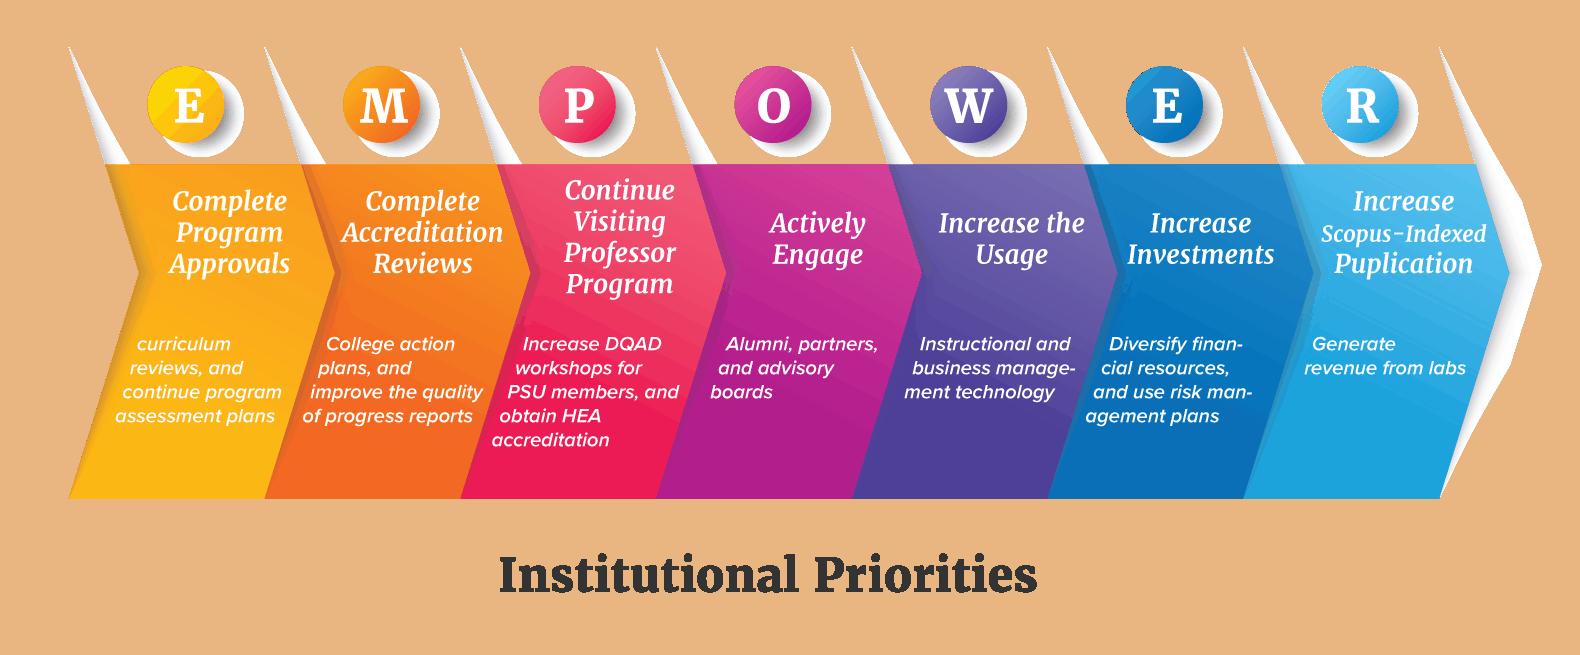 institutional priorities